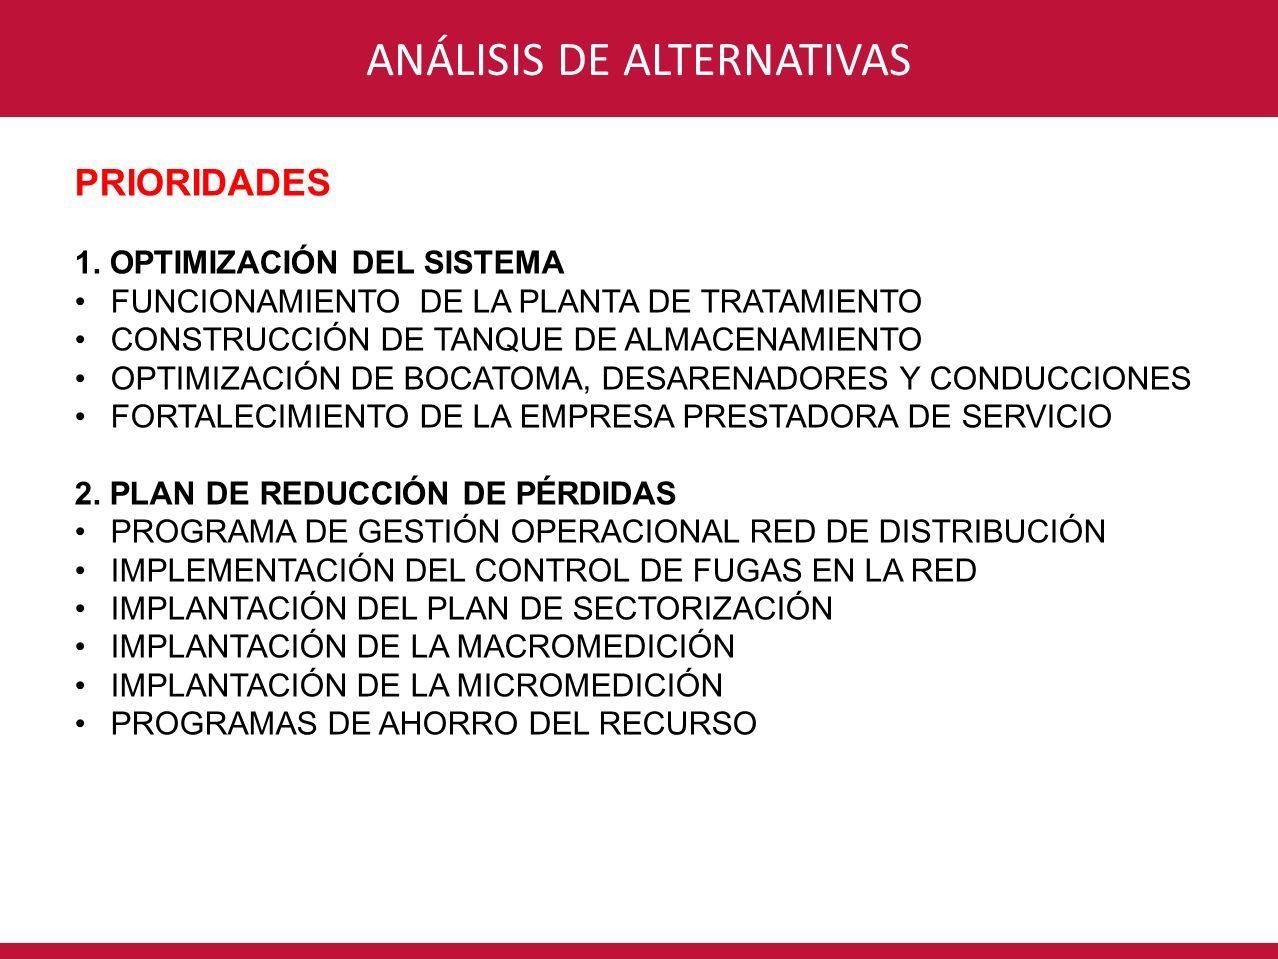 CONSORCIO INTERVENTORÍA POR UN NUEVO VALLEANÁLISIS DE ALTERNATIVAS PRIORIDADES 1. OPTIMIZACIÓN DEL SISTEMA FUNCIONAMIENTO DE LA PLANTA DE TRATAMIENTO